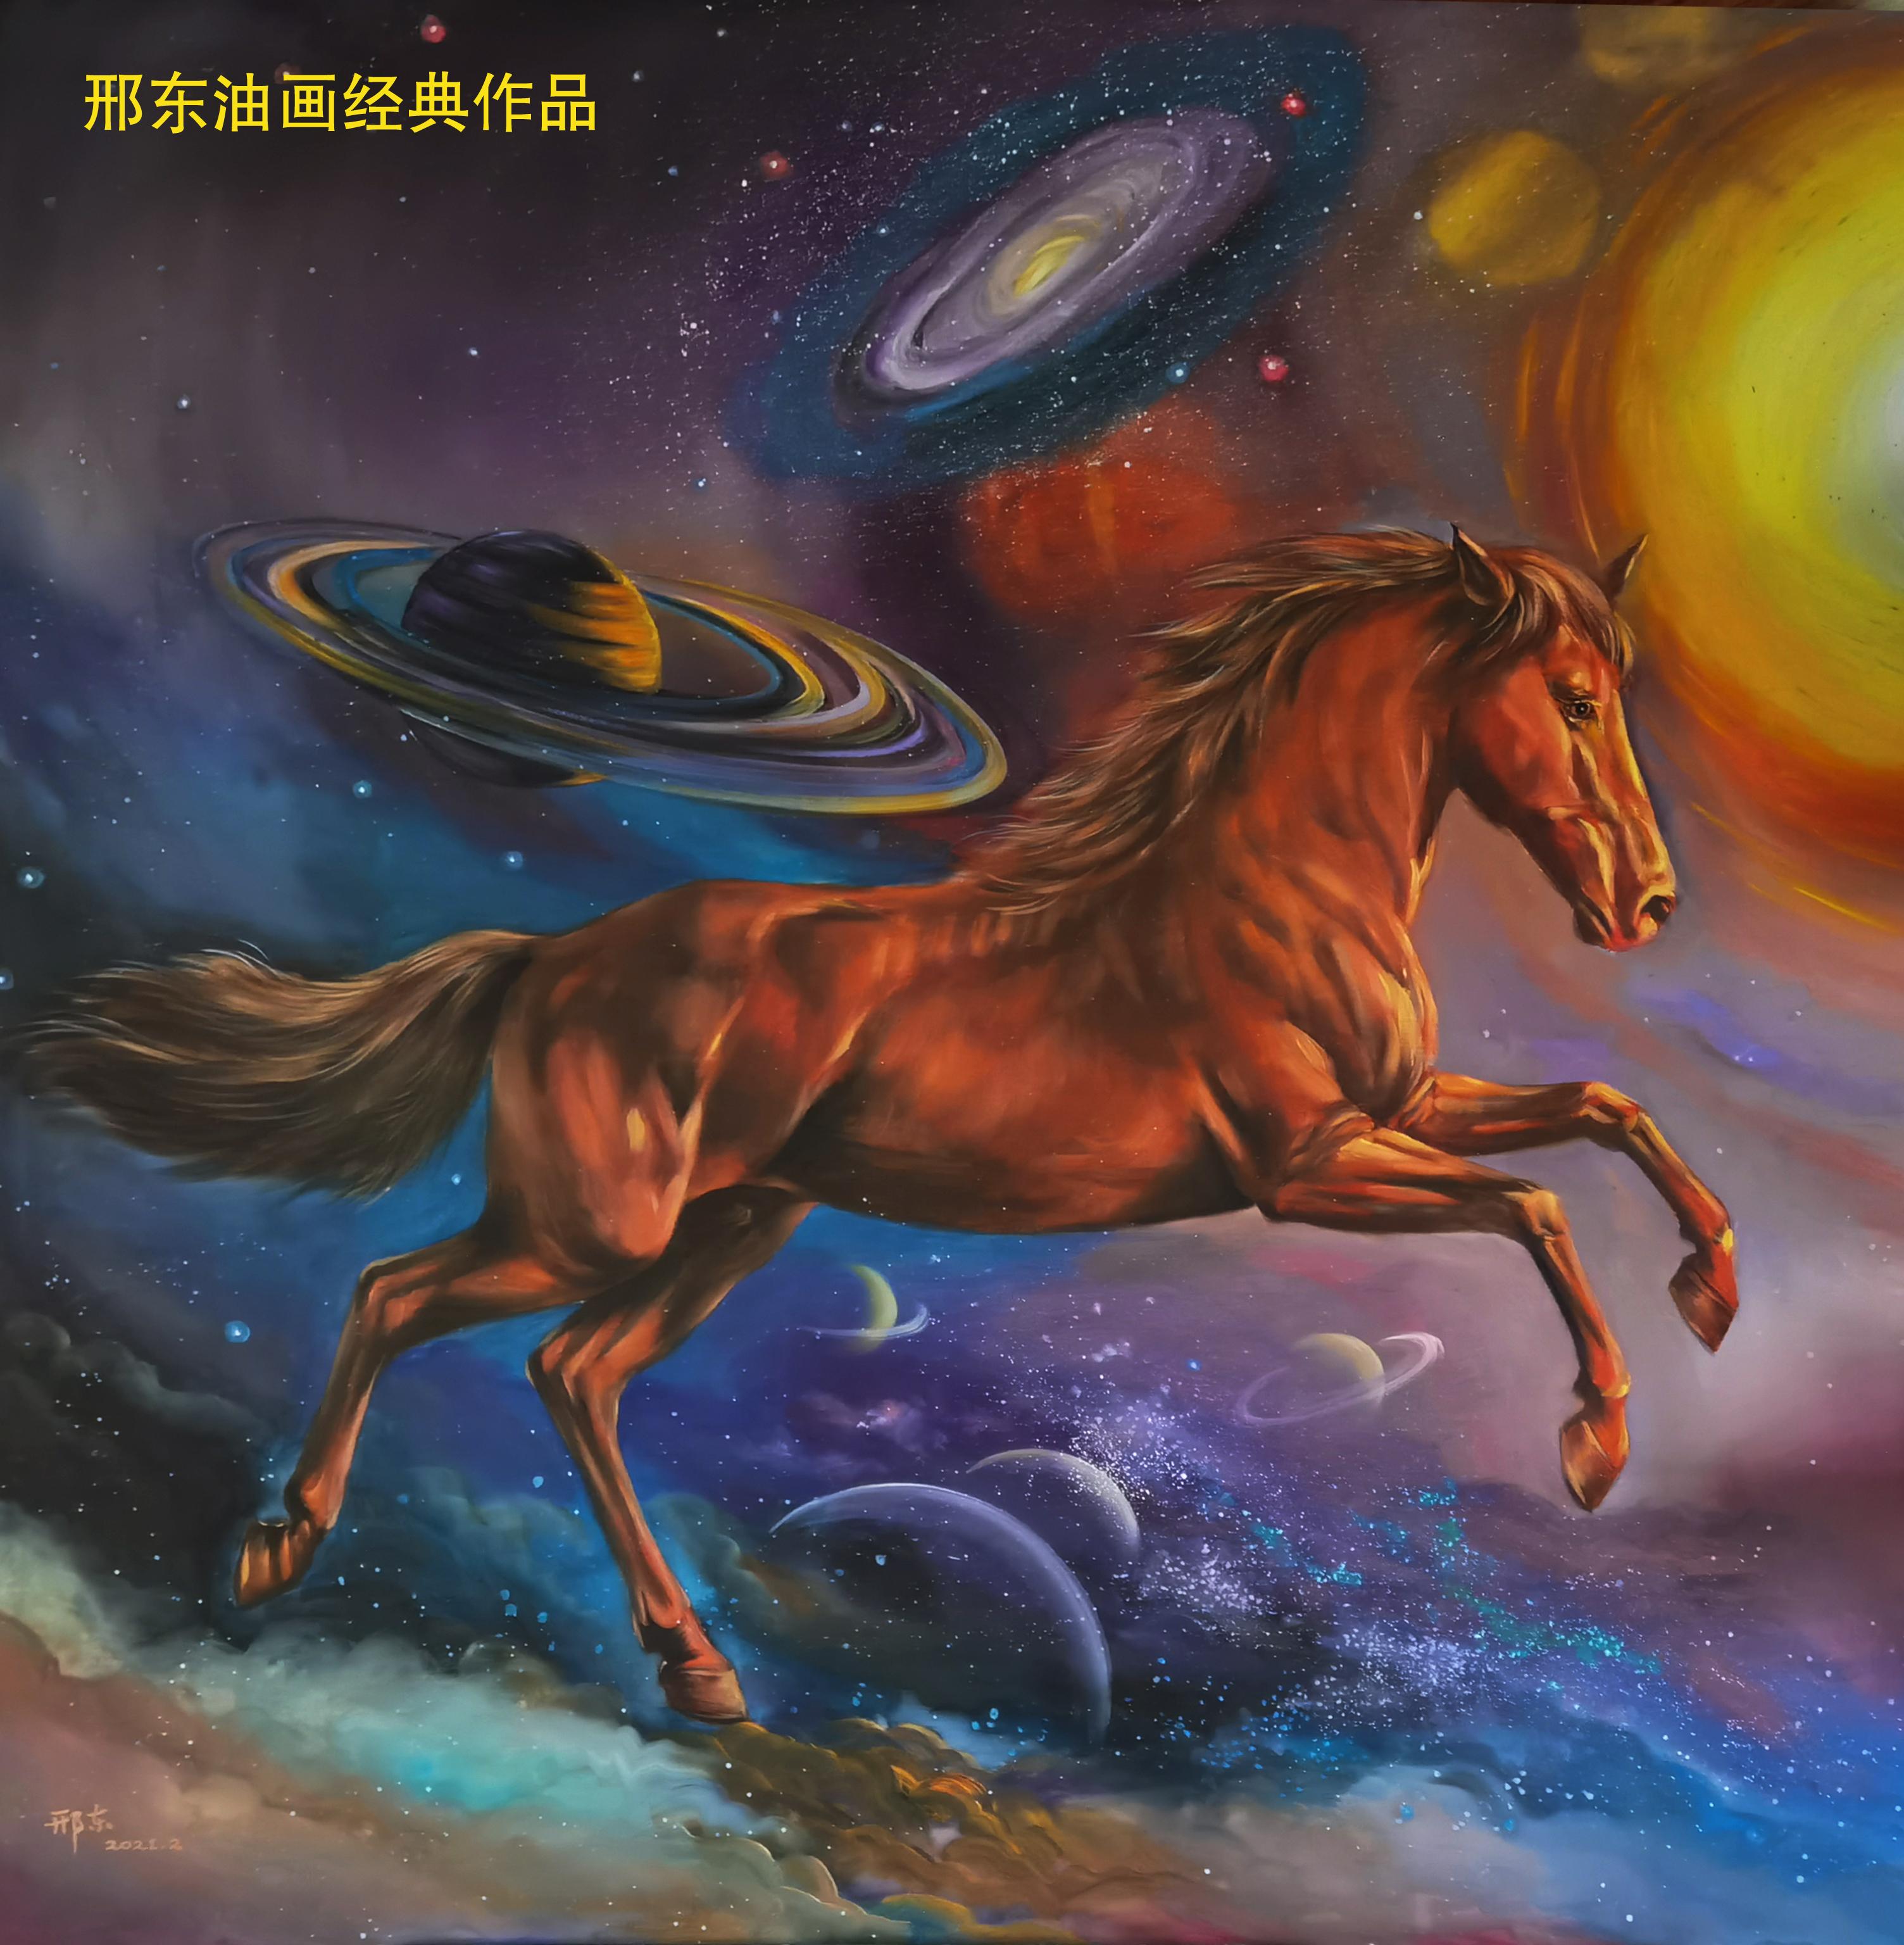 邢东绘画作品创造吉尼斯世界纪录,华人的骄傲